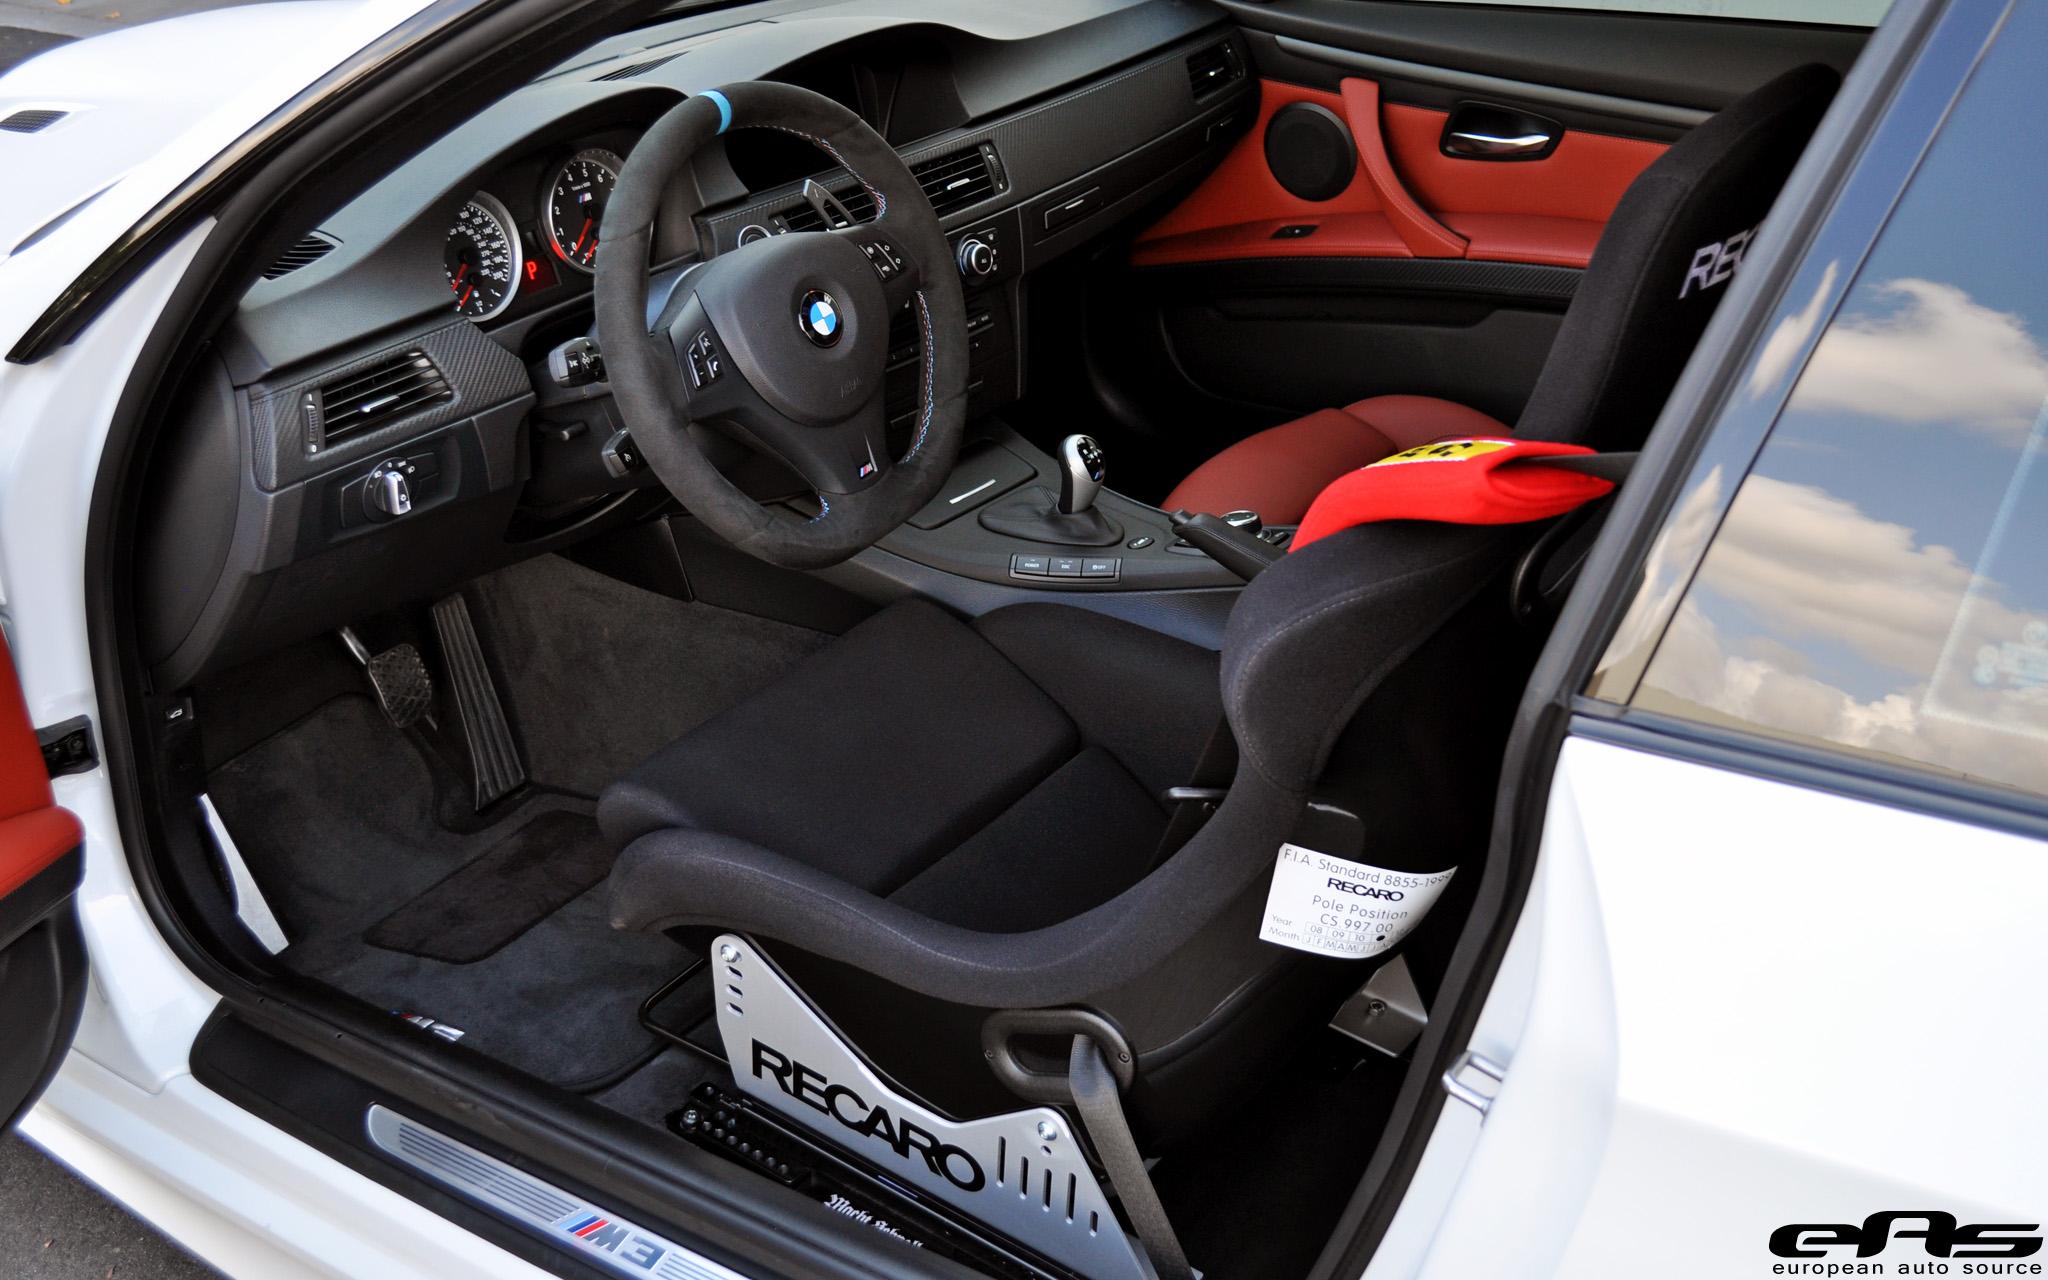 Alpine White E92 M3 W Volks Recaros Clubsports Amp Bmw